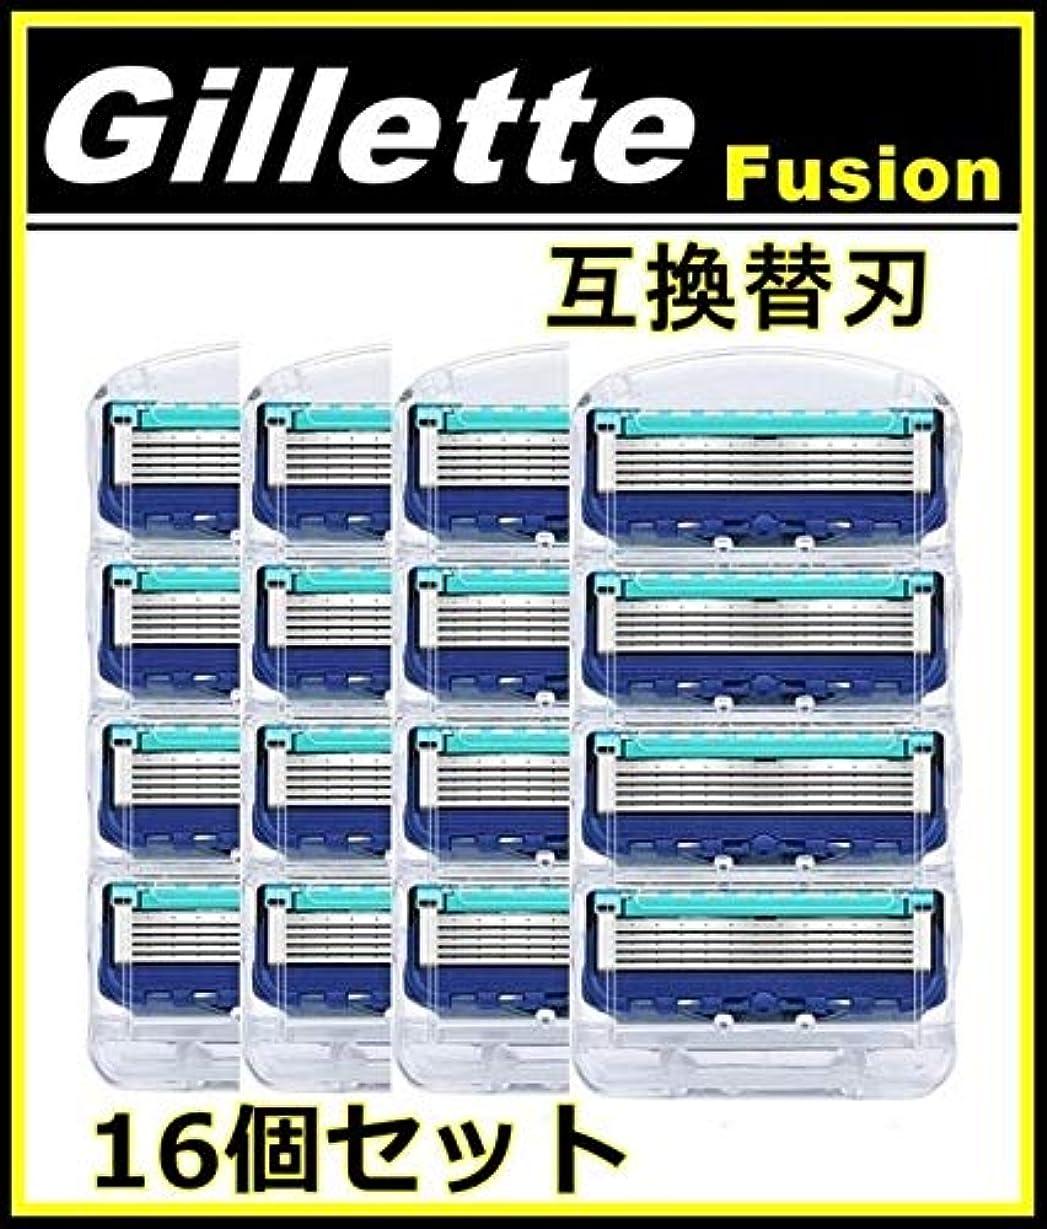 モチーフ思想の面ではジレット フュージョン用 替刃 互換品 4セット 16個 髭剃り Gillette Fusion プログライド パワー 替え刃 ブルー